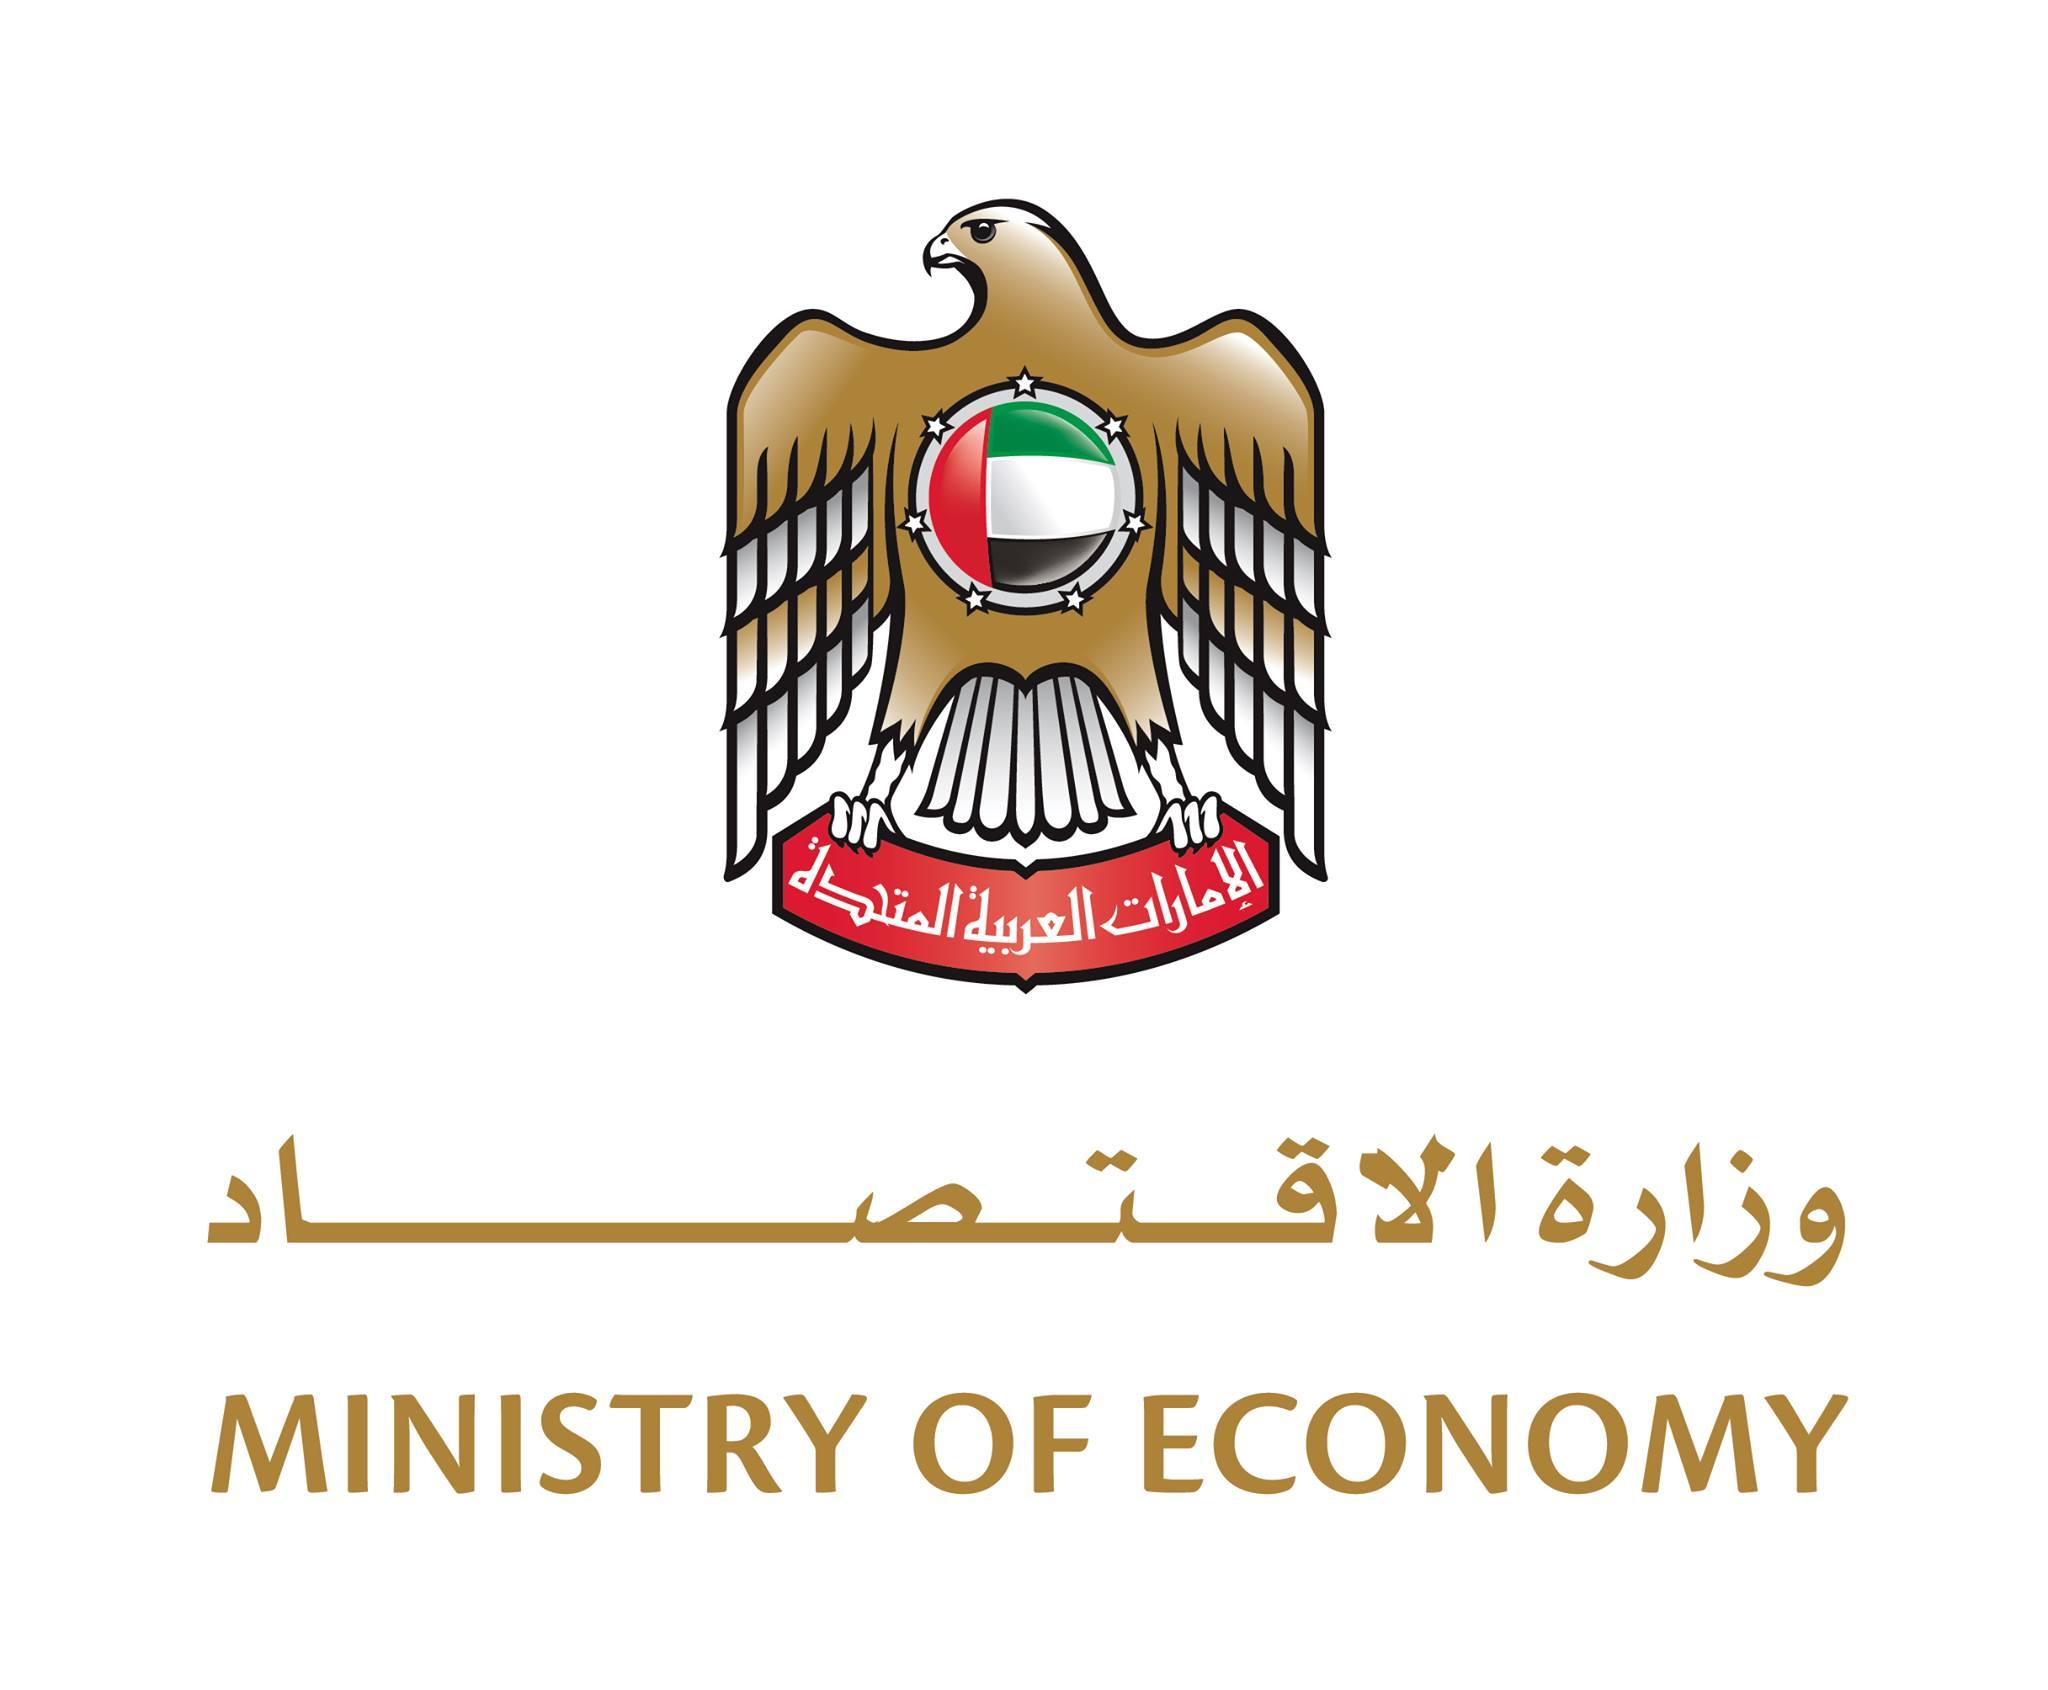 وزارة الإقتصاد - الإمارات